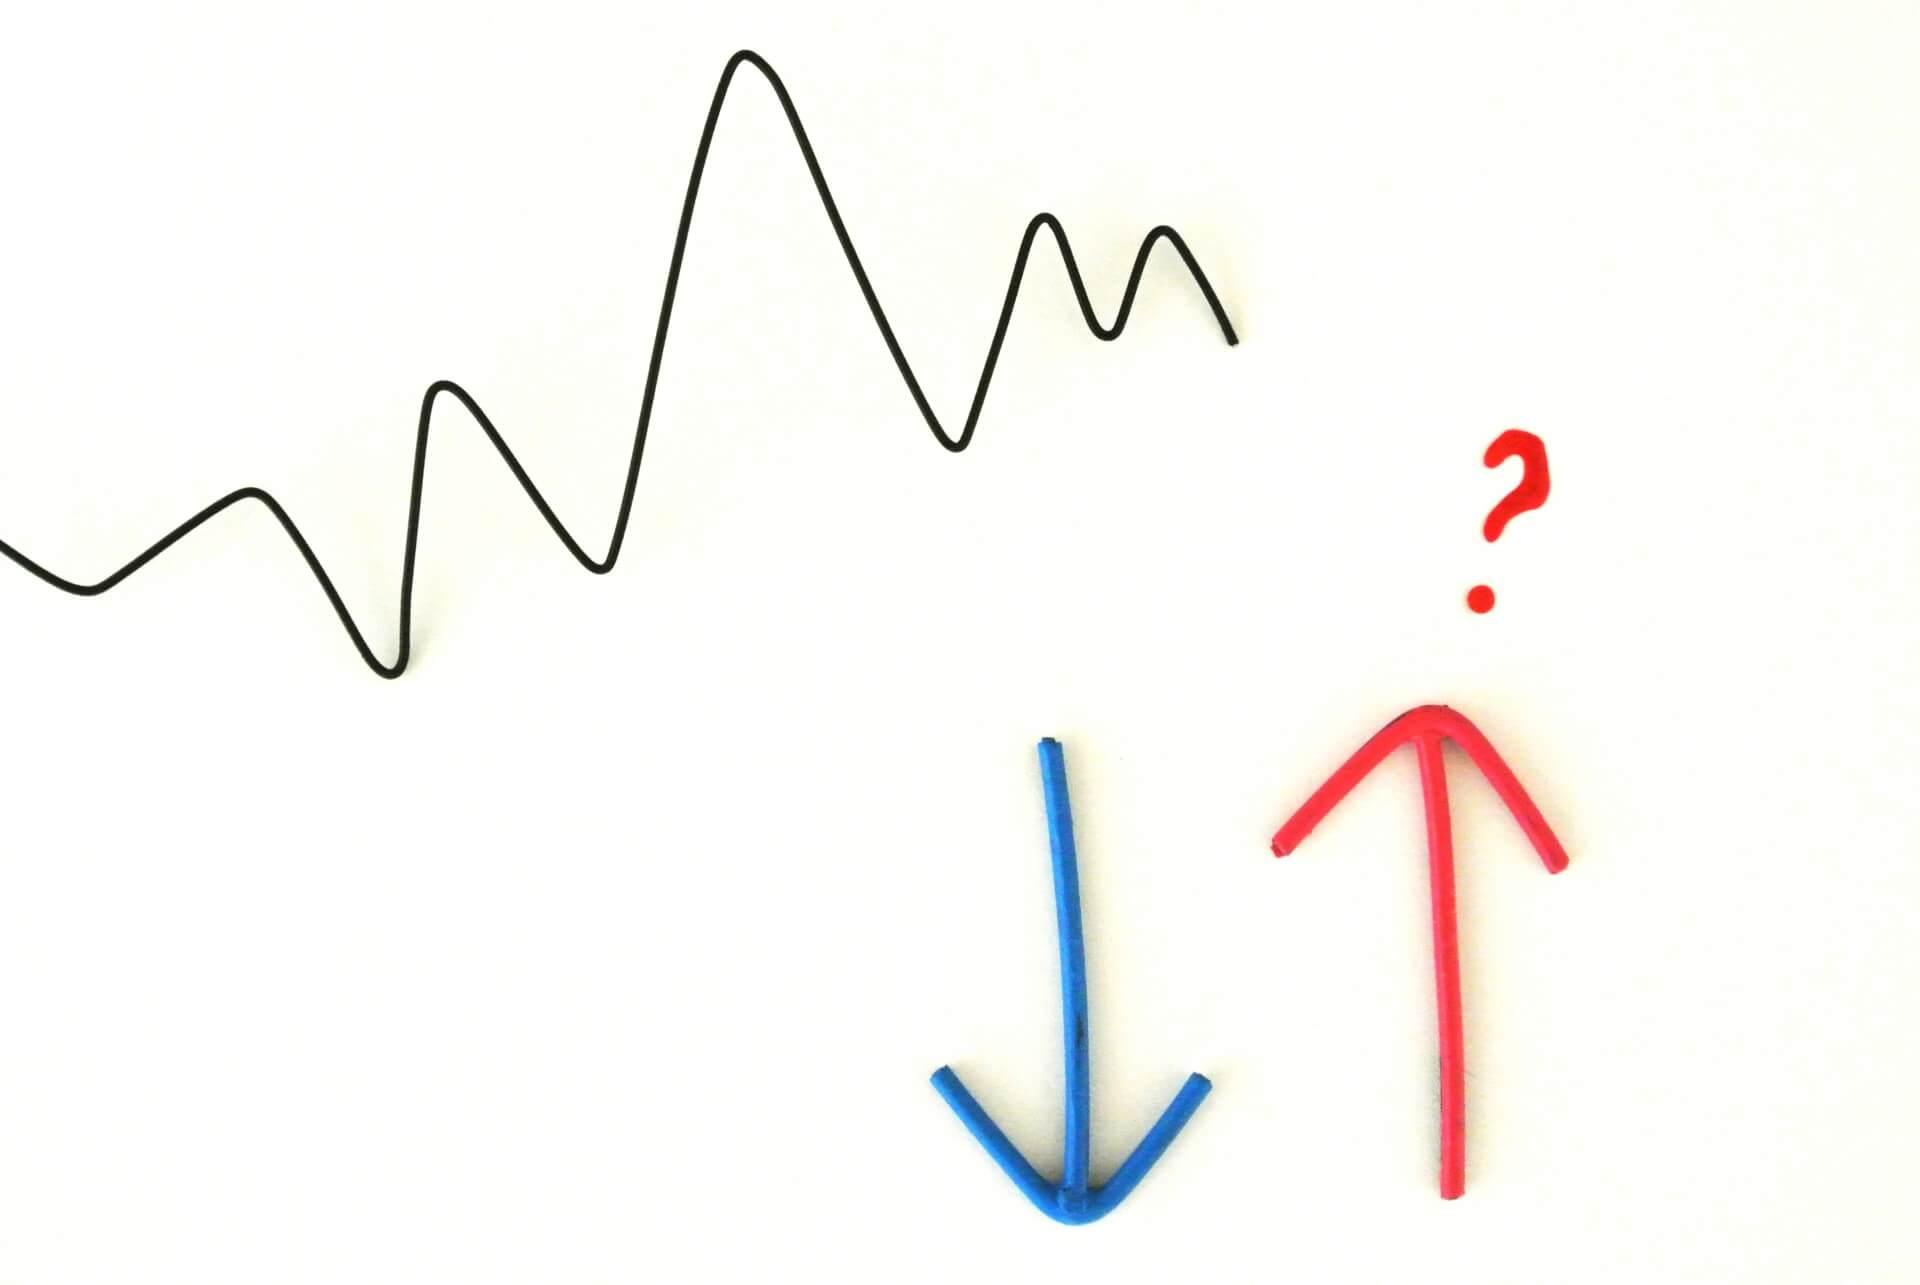 希薄化とは何か?わかりやすく解説